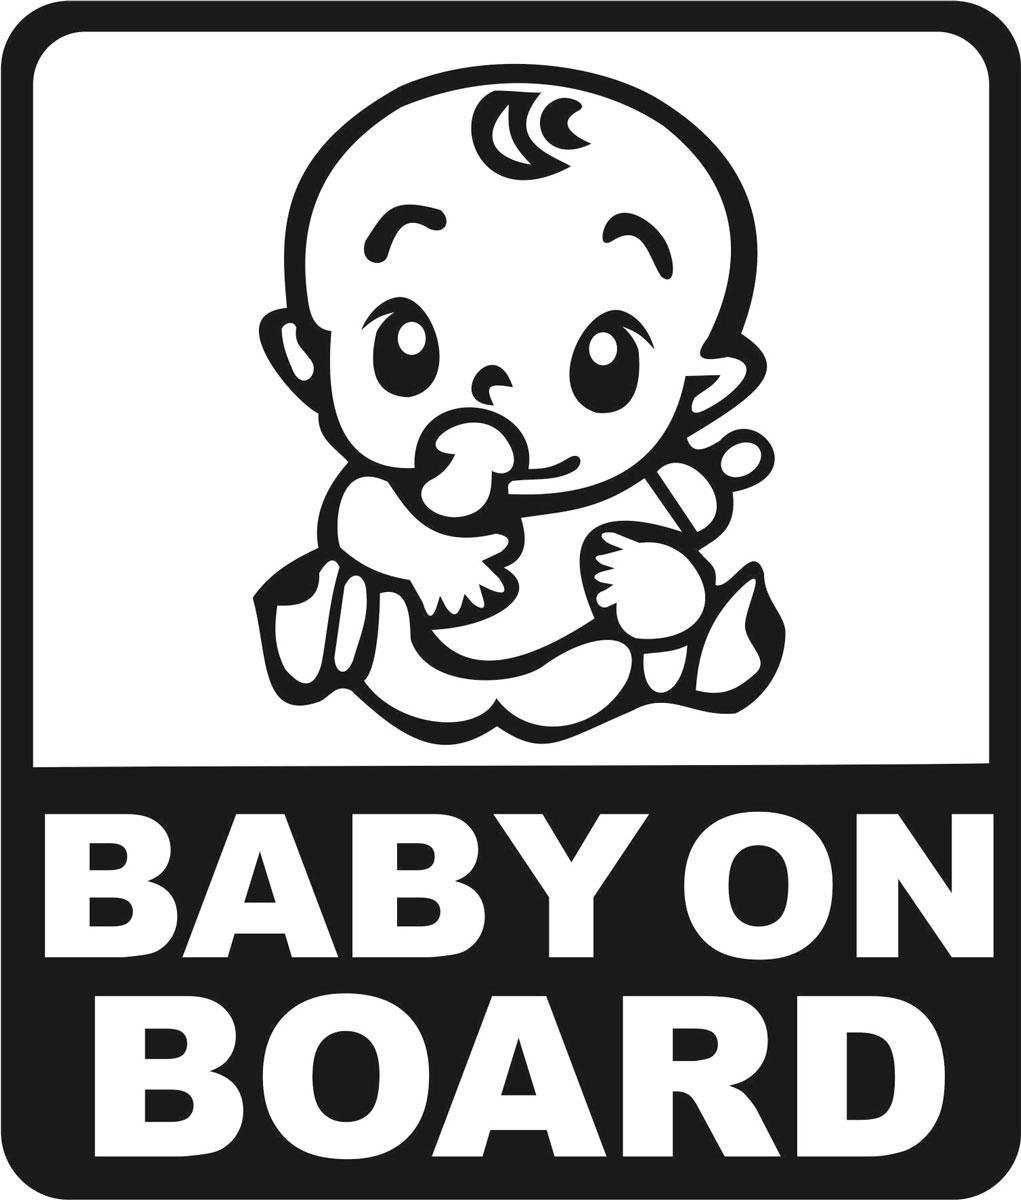 Наклейка автомобильная Оранжевый слоник Baby on Board. Квадрат 2, виниловая, цвет: черныйВетерок 2ГФОригинальная наклейка Оранжевый слоник Baby on Board. Квадрат 2 изготовлена из долговечного винила, который выполняет не только декоративную функцию, но и защищает кузов от небольших механических повреждений, либо скрывает уже существующие.Виниловые наклейки на авто - это не только красиво, но еще и быстро! Всего за несколько минут вы можете полностью преобразить свой автомобиль, сделать его ярким, необычным, особенным и неповторимым!